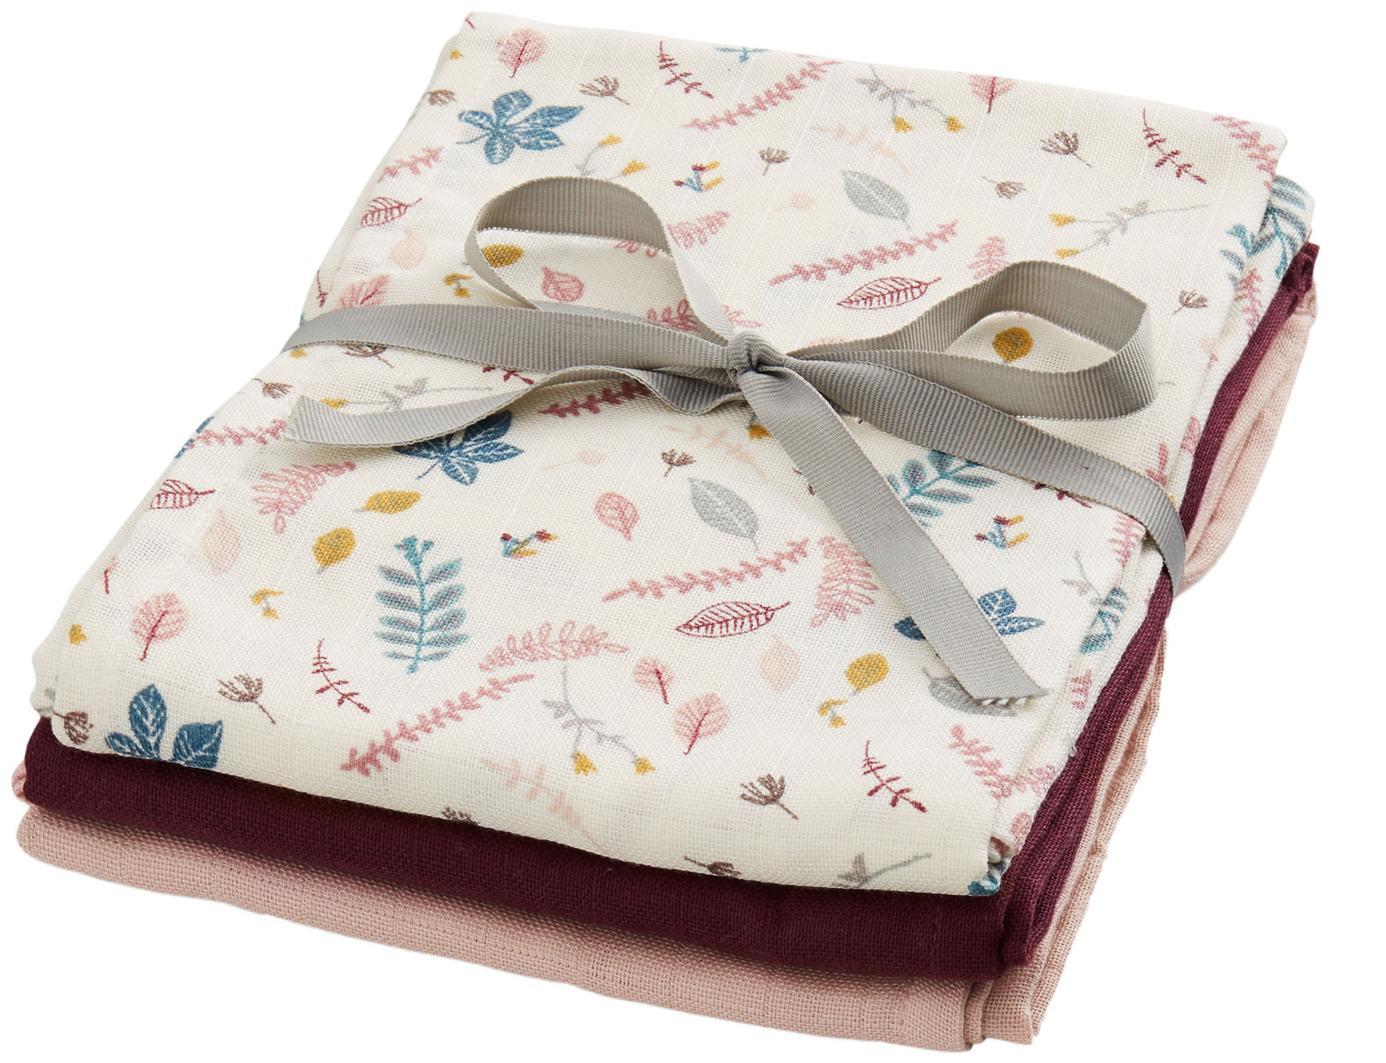 Hydrofiele doekenset Pressed Leaves, 3-delig, Organisch katoen, Crèmekleurig, roze, blauw, grijs, donkerrood, 70 x 70 cm